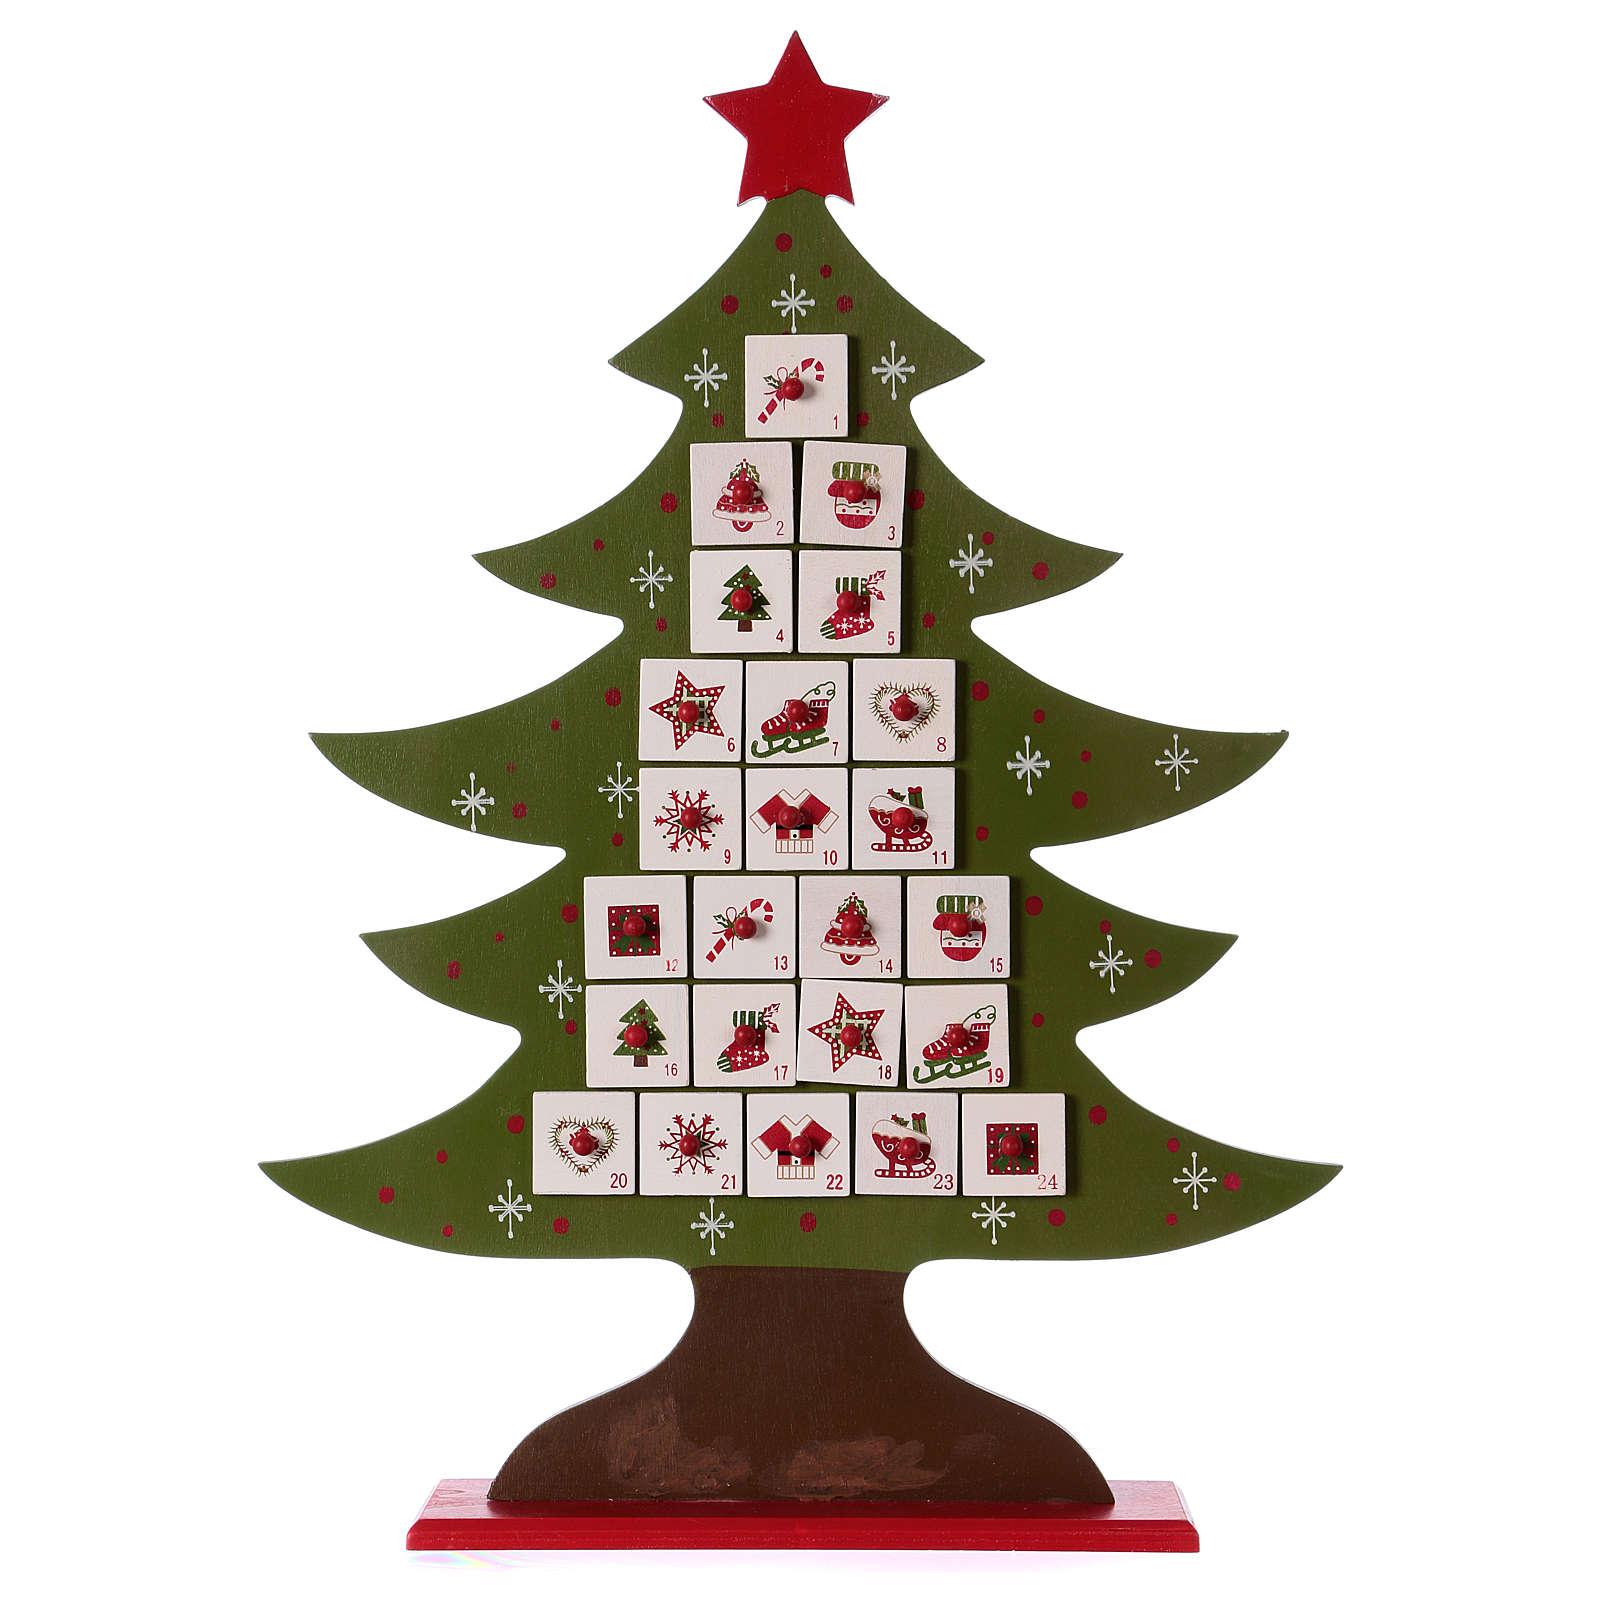 Albero Di Natale In Legno.Calendario Dell Avvento In Legno A Forma Di Albero Di Natale